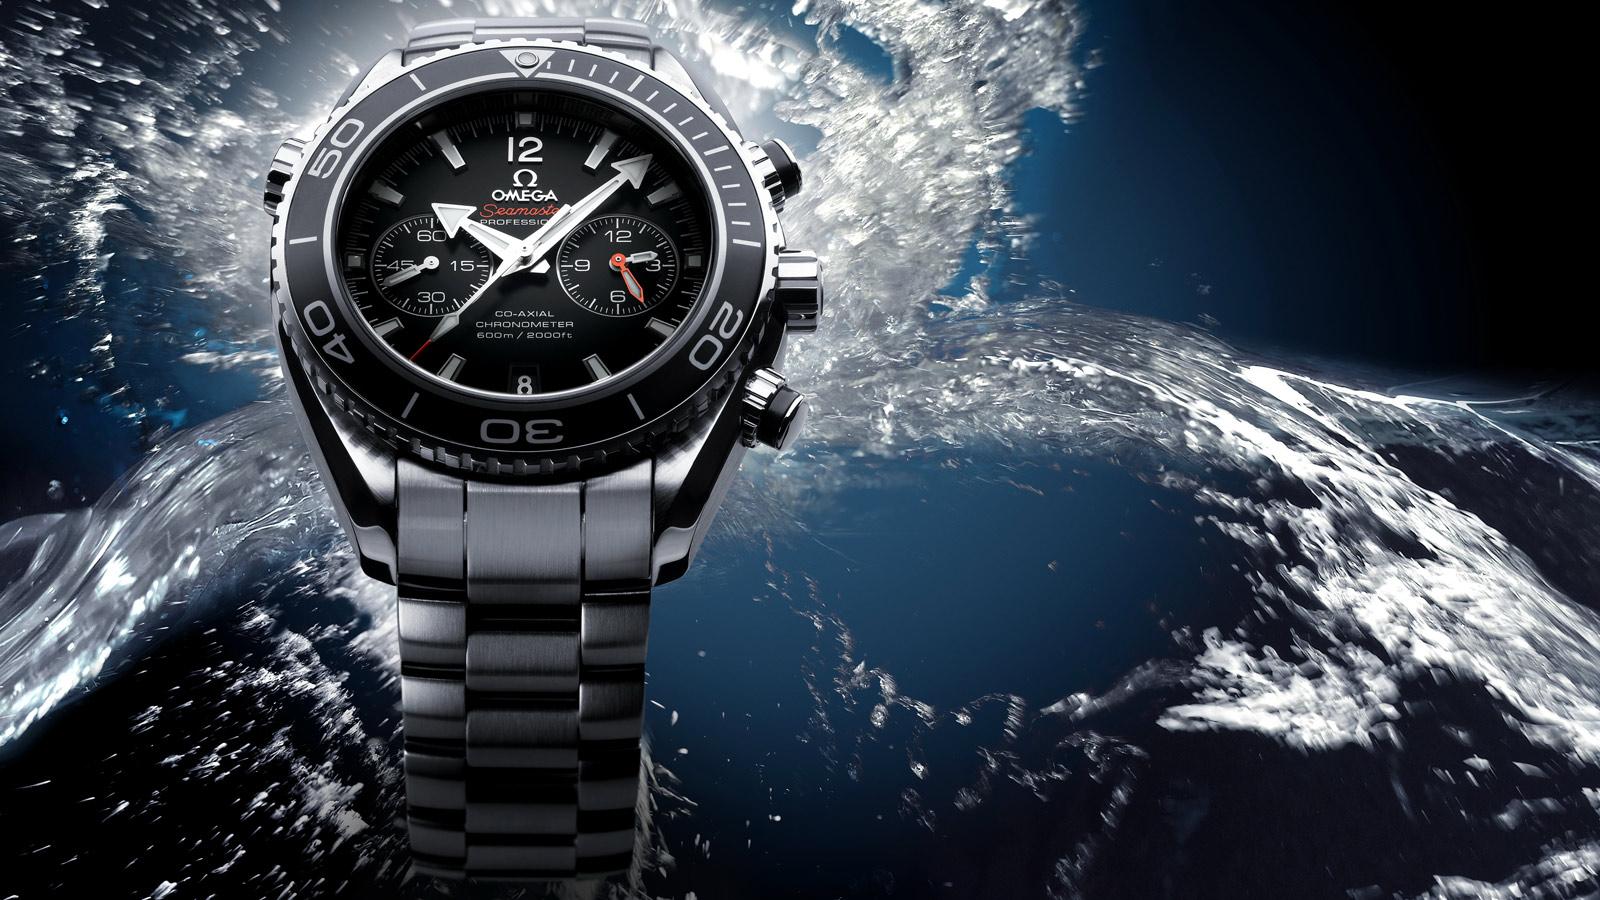 Seamaster 海洋宇宙600米腕表 海洋宇宙600米 欧米茄45.5毫米同轴计时表 - 232.30.46.51.01.001 - 查看 3